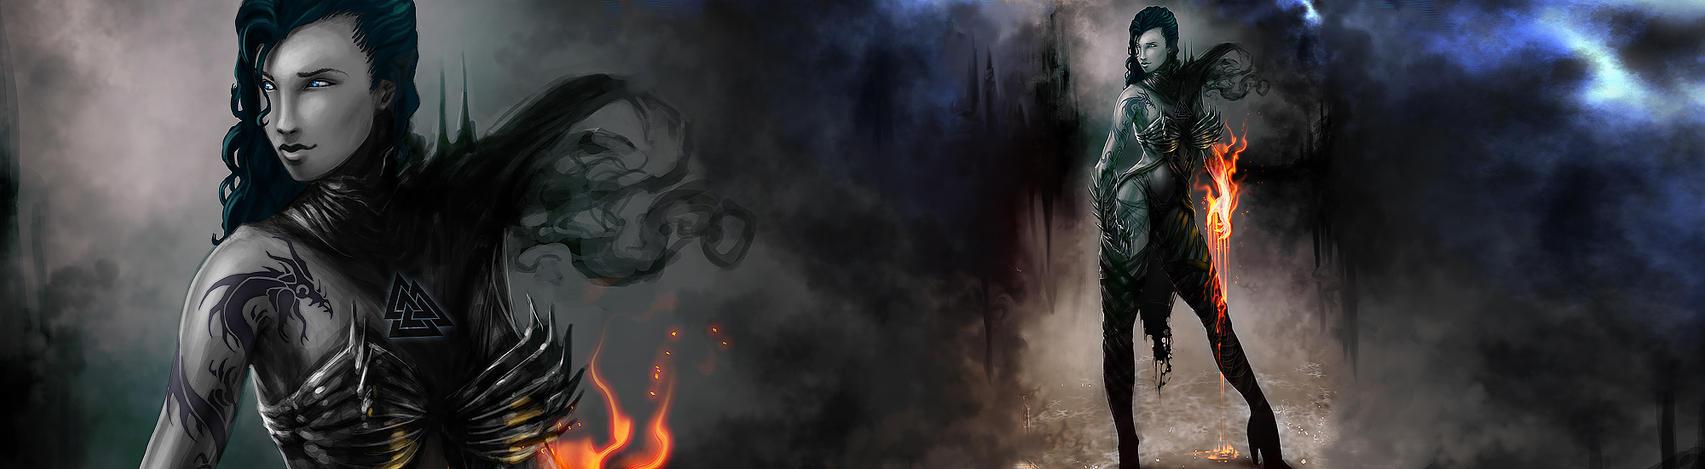 Dark side fire by choptider